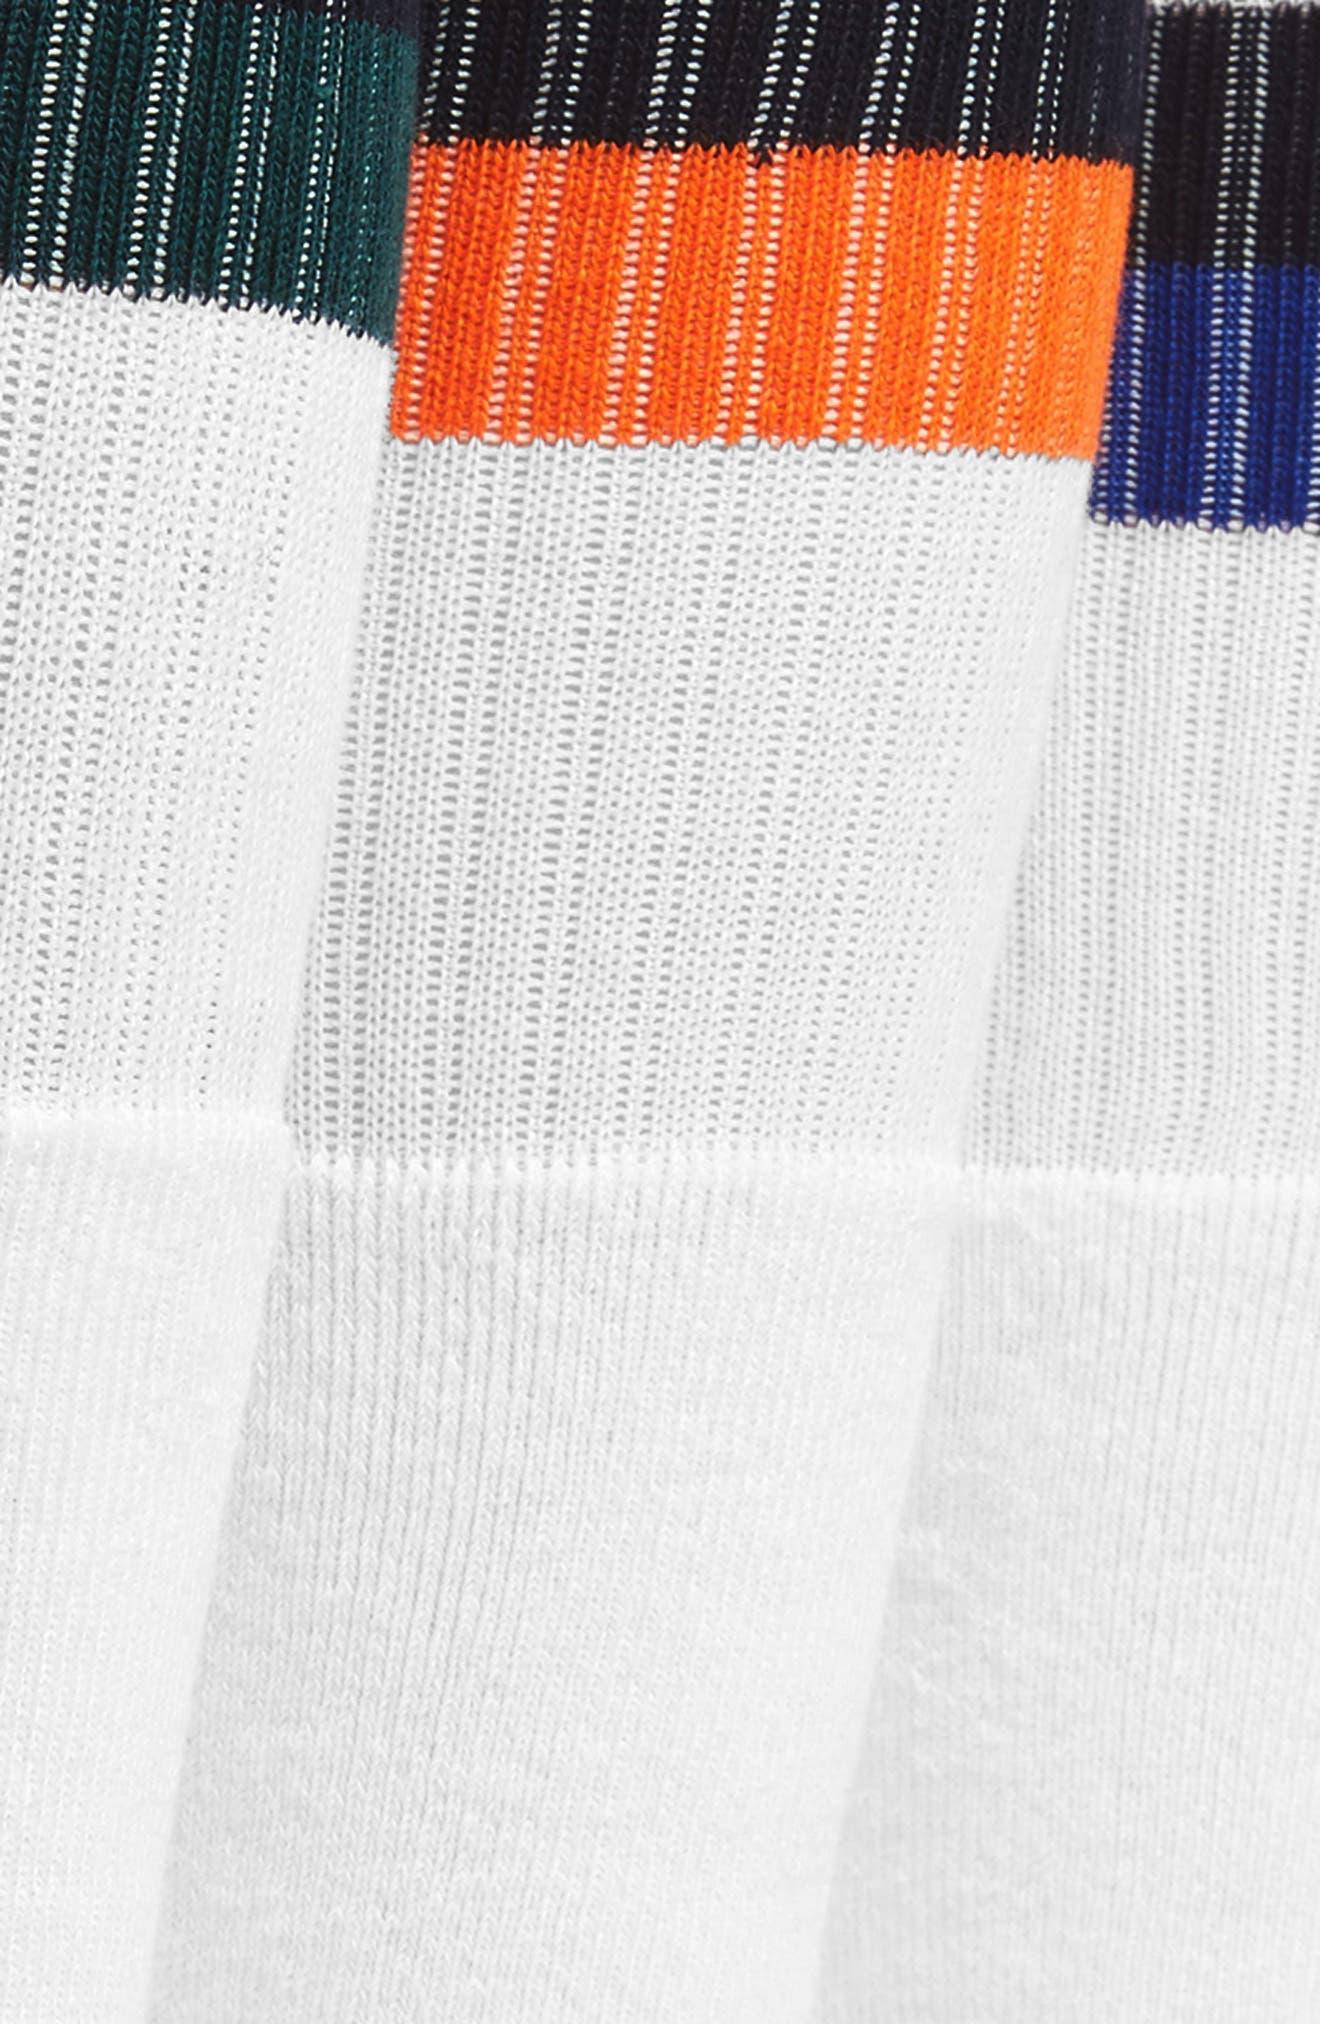 3-Pack Tube Socks,                             Alternate thumbnail 2, color,                             White/ Royal